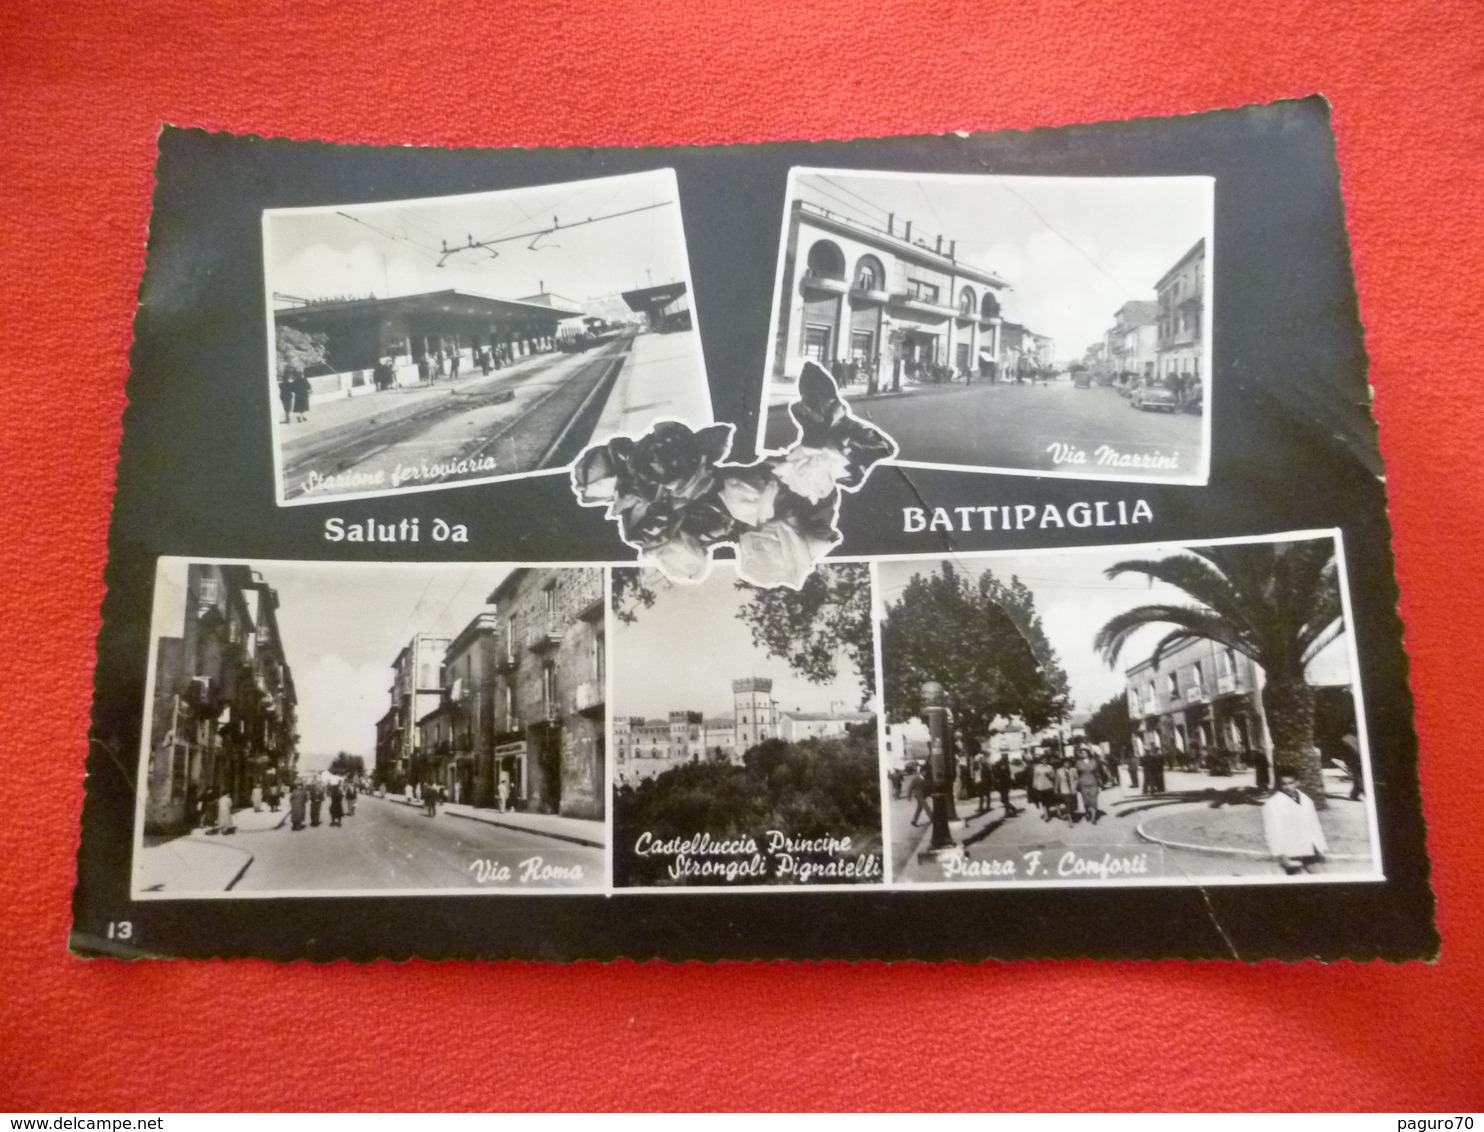 Saluti Da Battipaglia Salerno Campania - Battipaglia